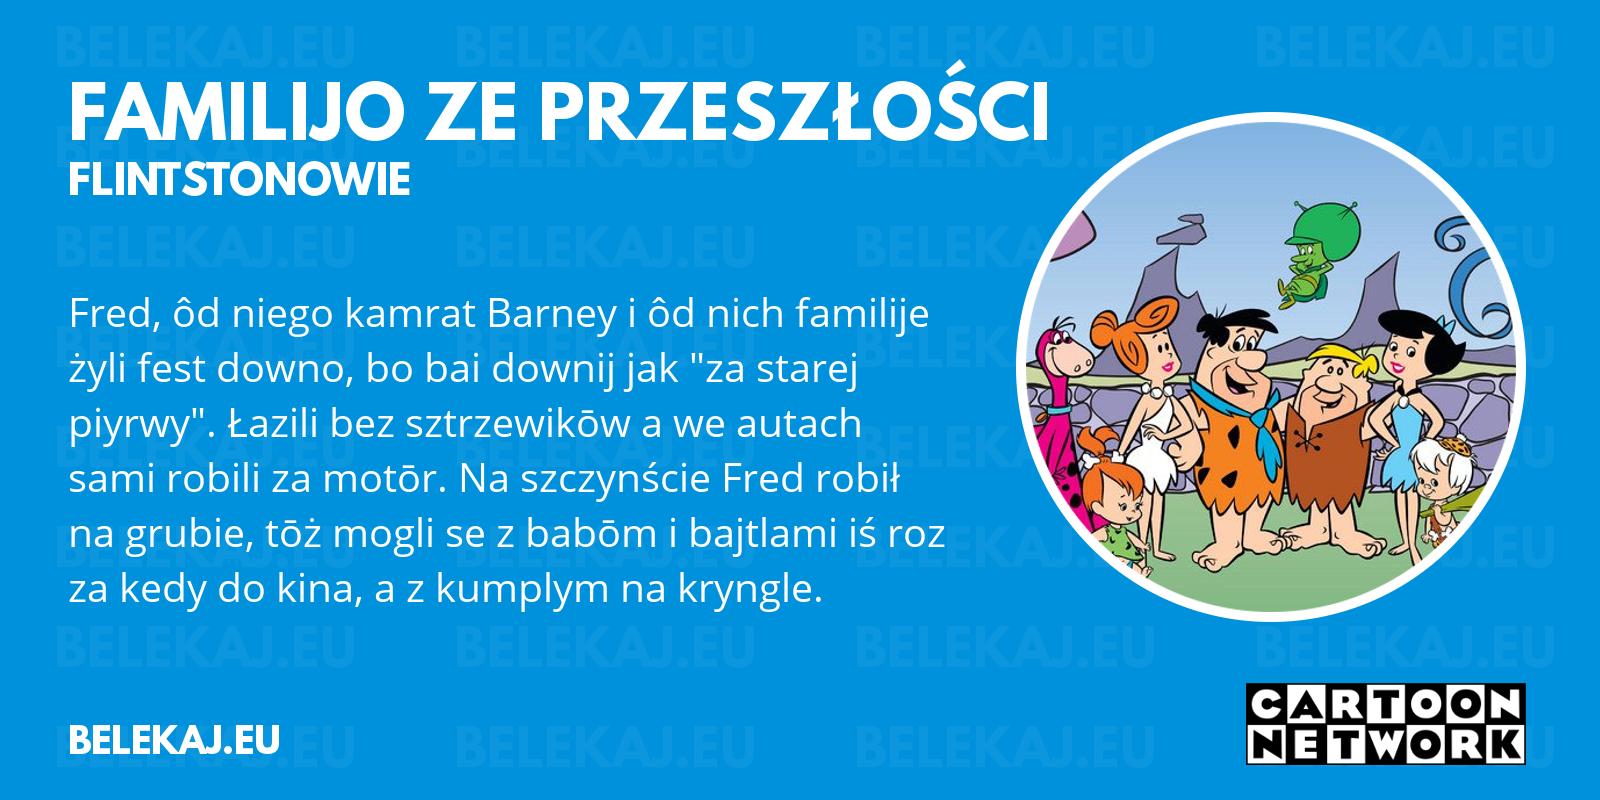 Flintstonowie, Cartoon Network po śląsku - blog bele kaj